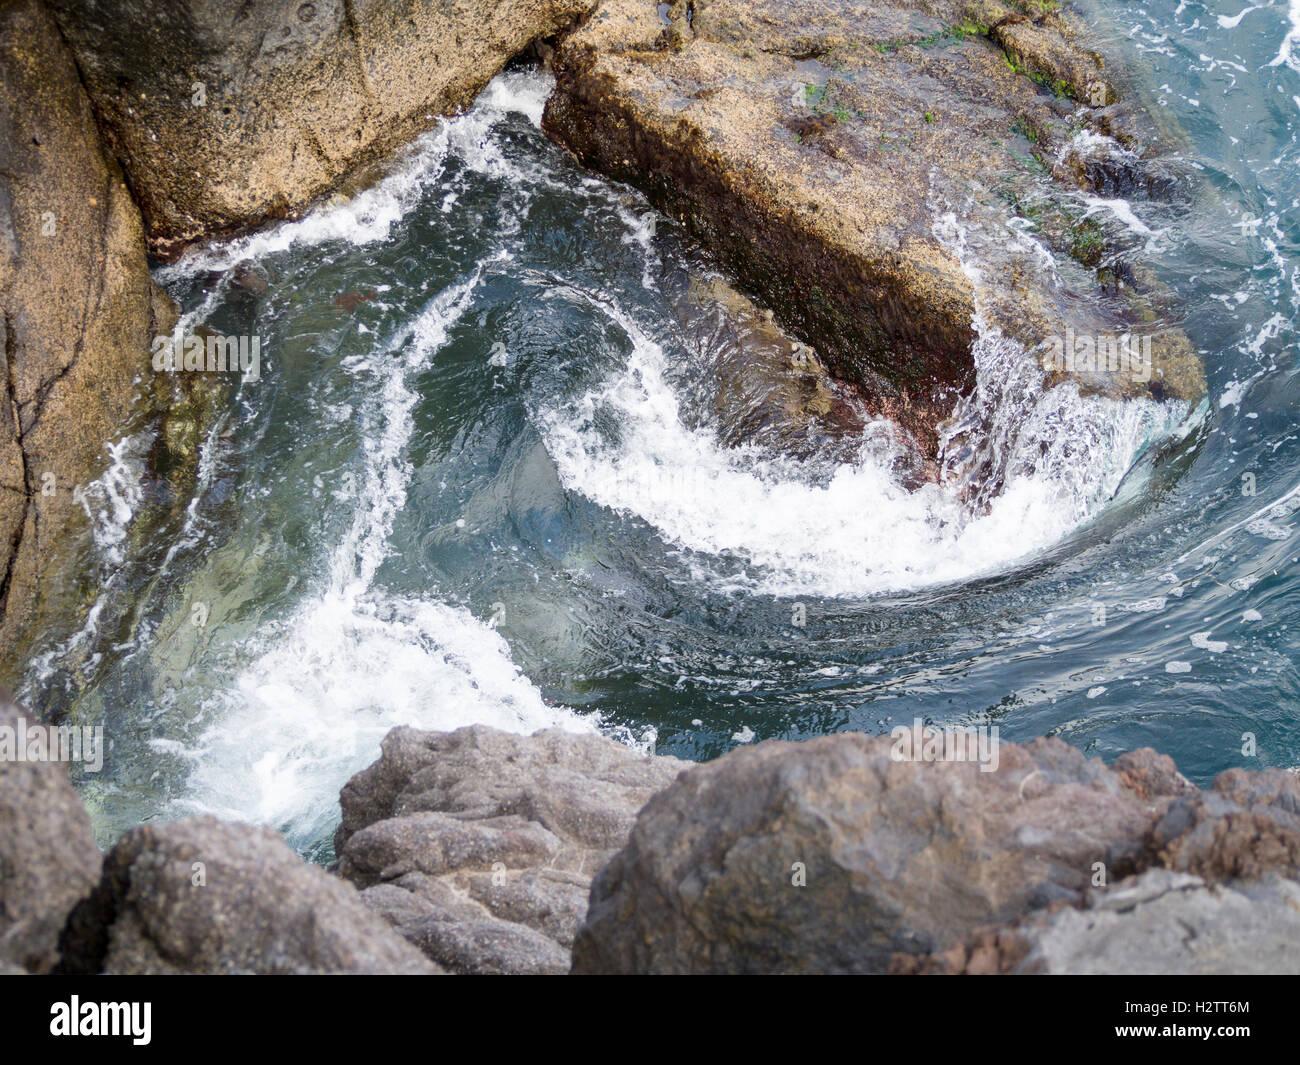 Surf vorticoso intorno alle rocce. L'acqua dalle onde colpire la costa rocciosa e curl in una vasca idromassaggio Immagini Stock